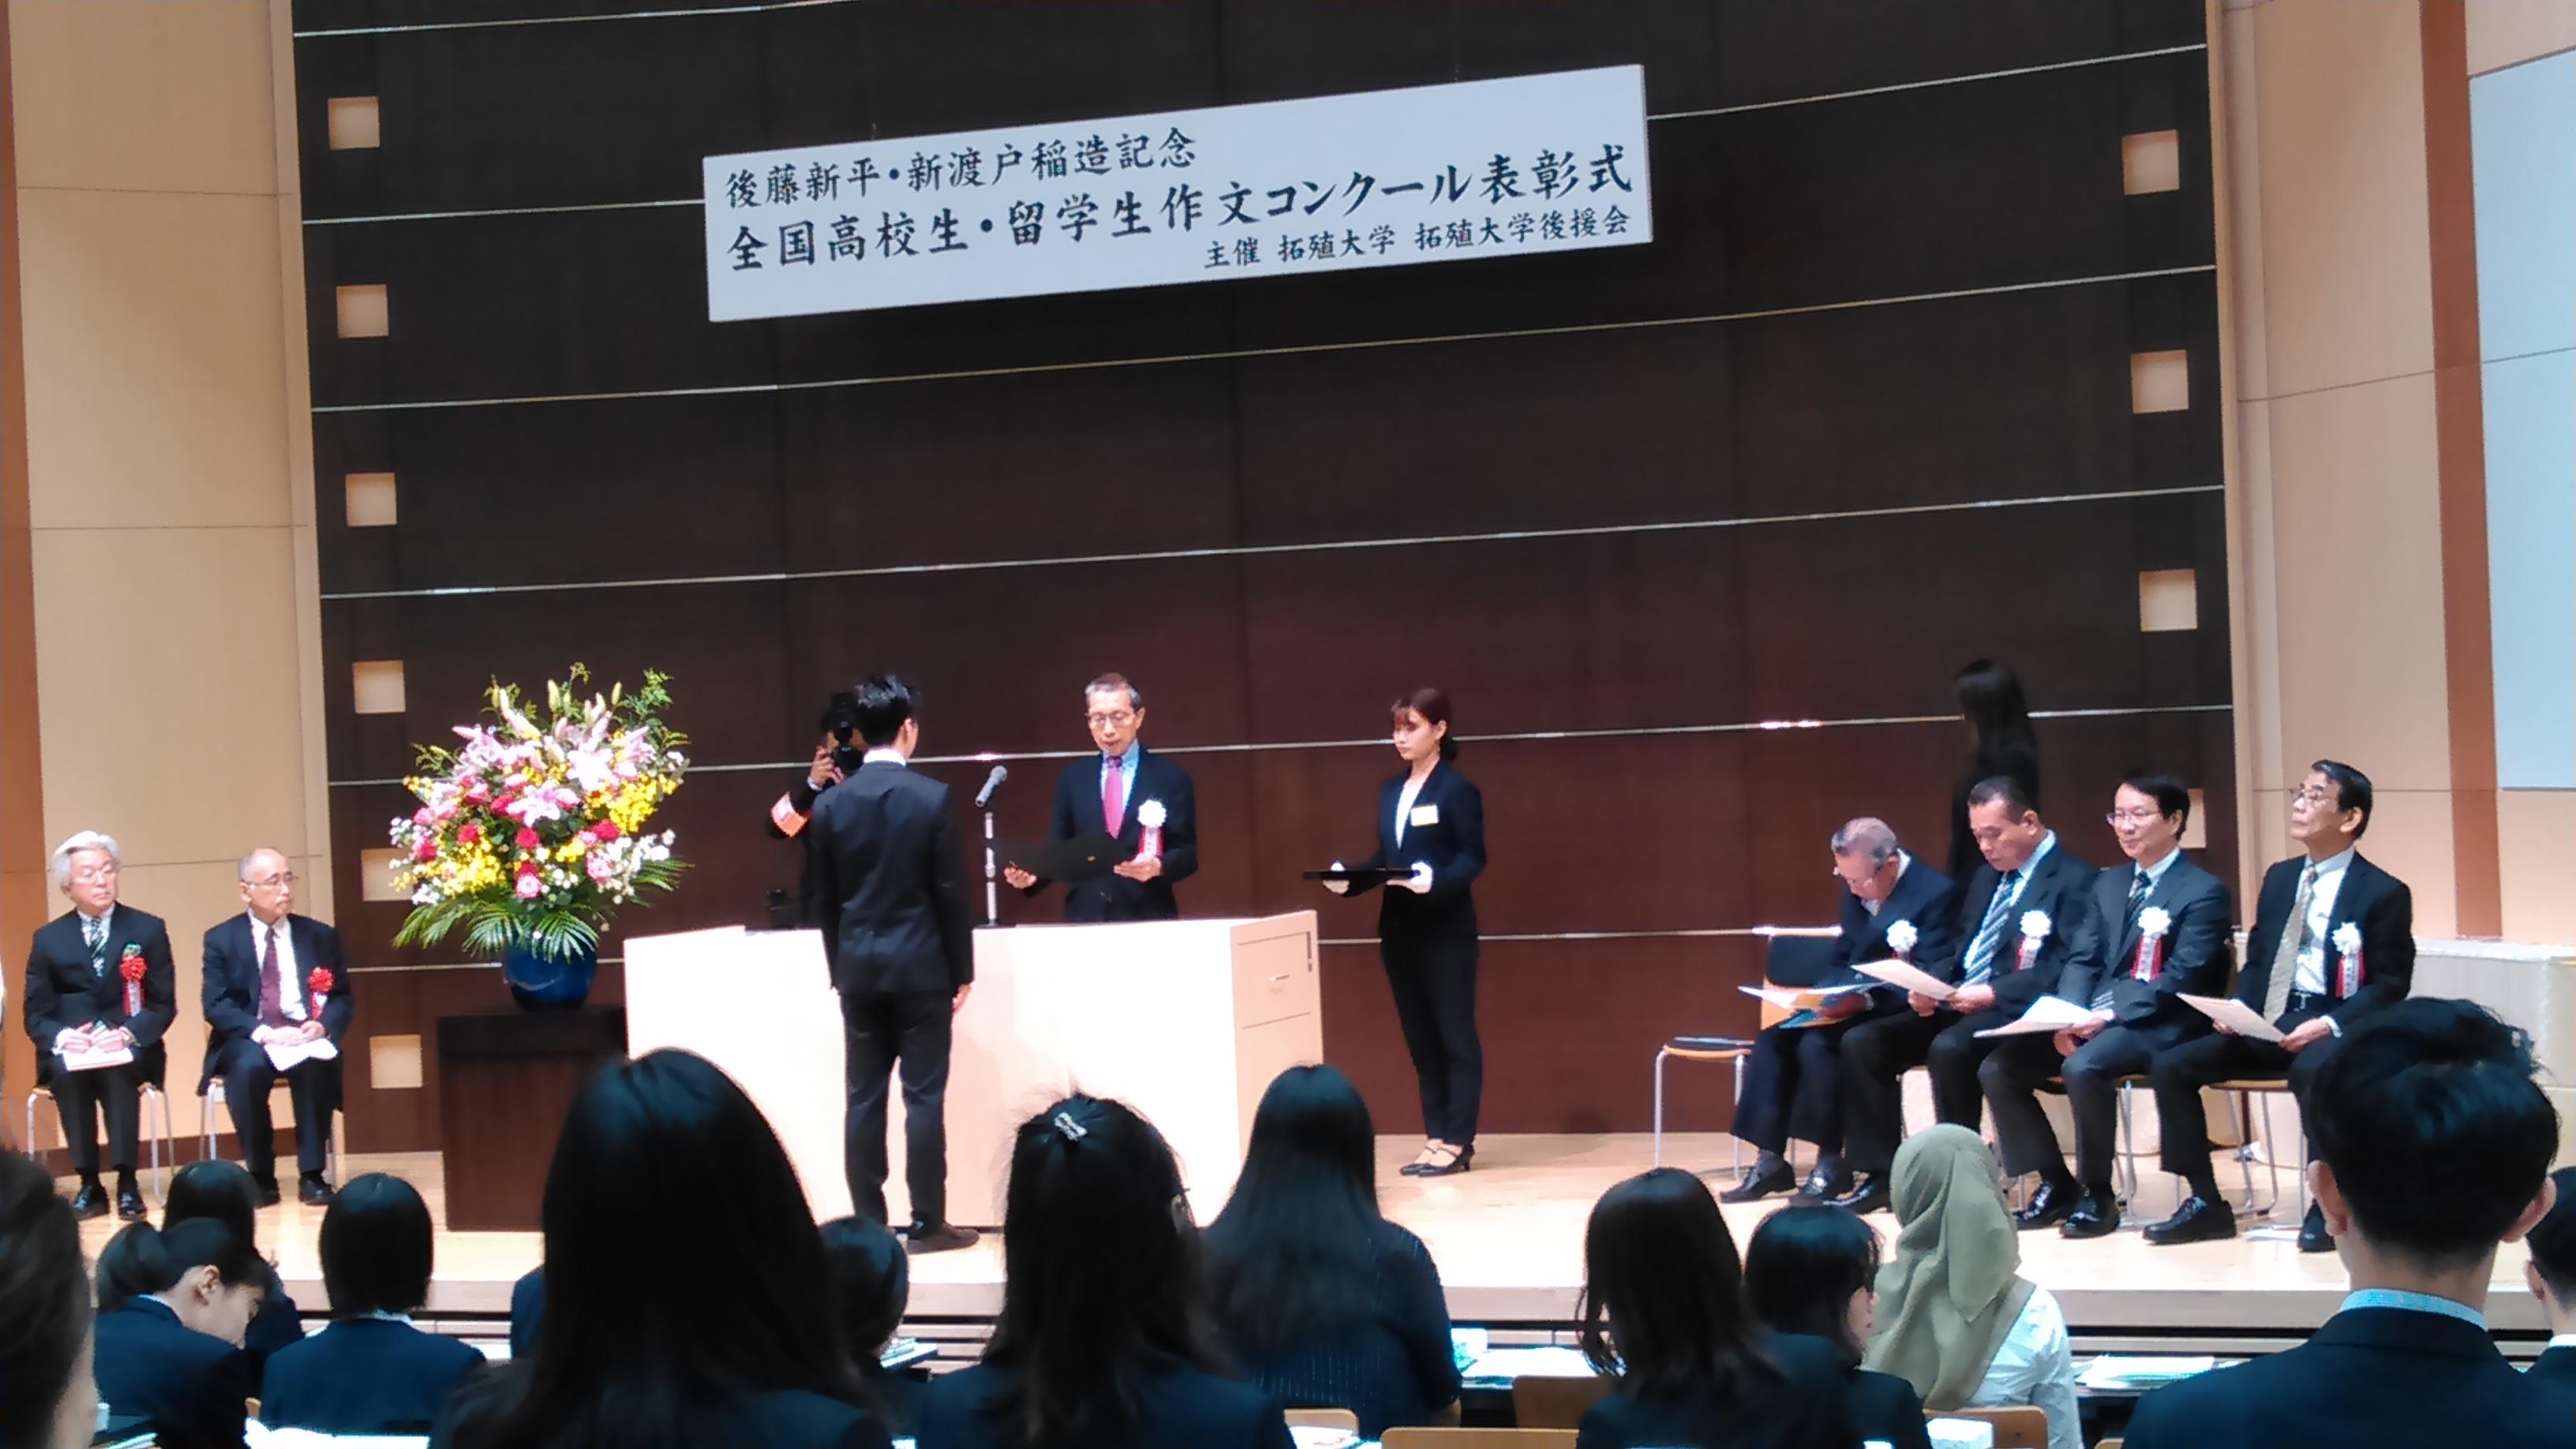 恭喜学生入选拓殖大学作文比赛